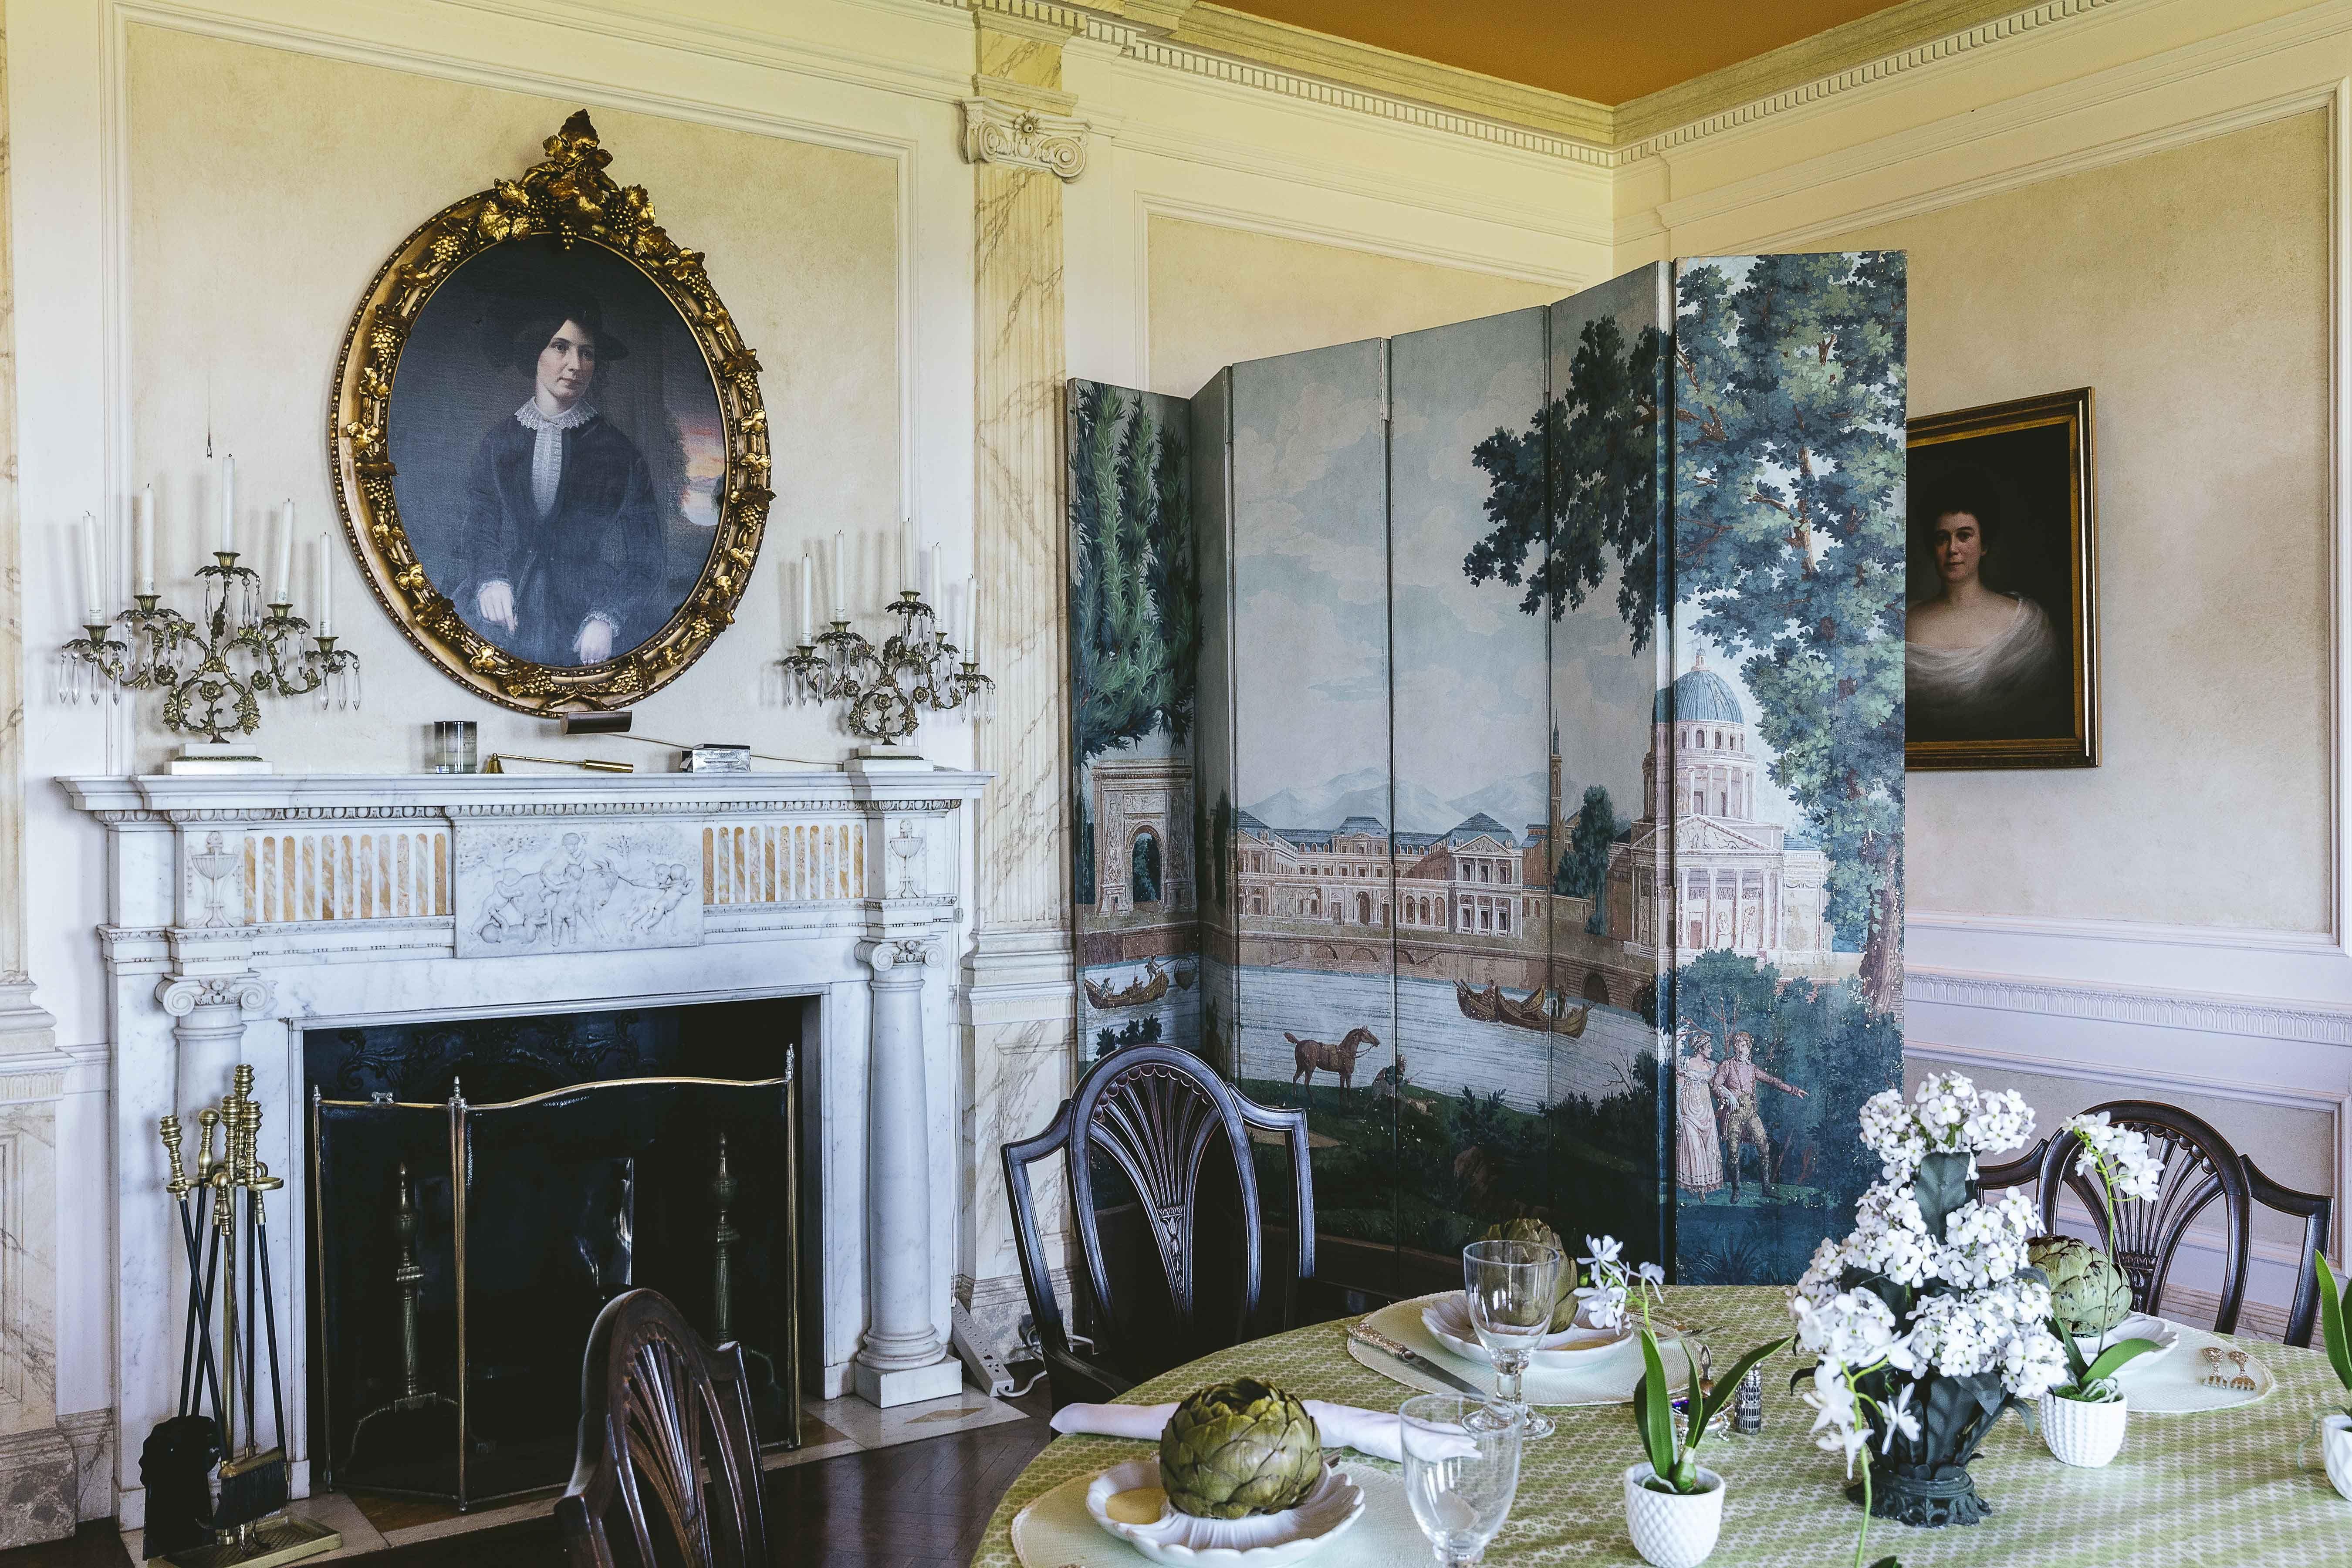 Edith Wharton's Newport Summer Home - Nick and Molly Mele